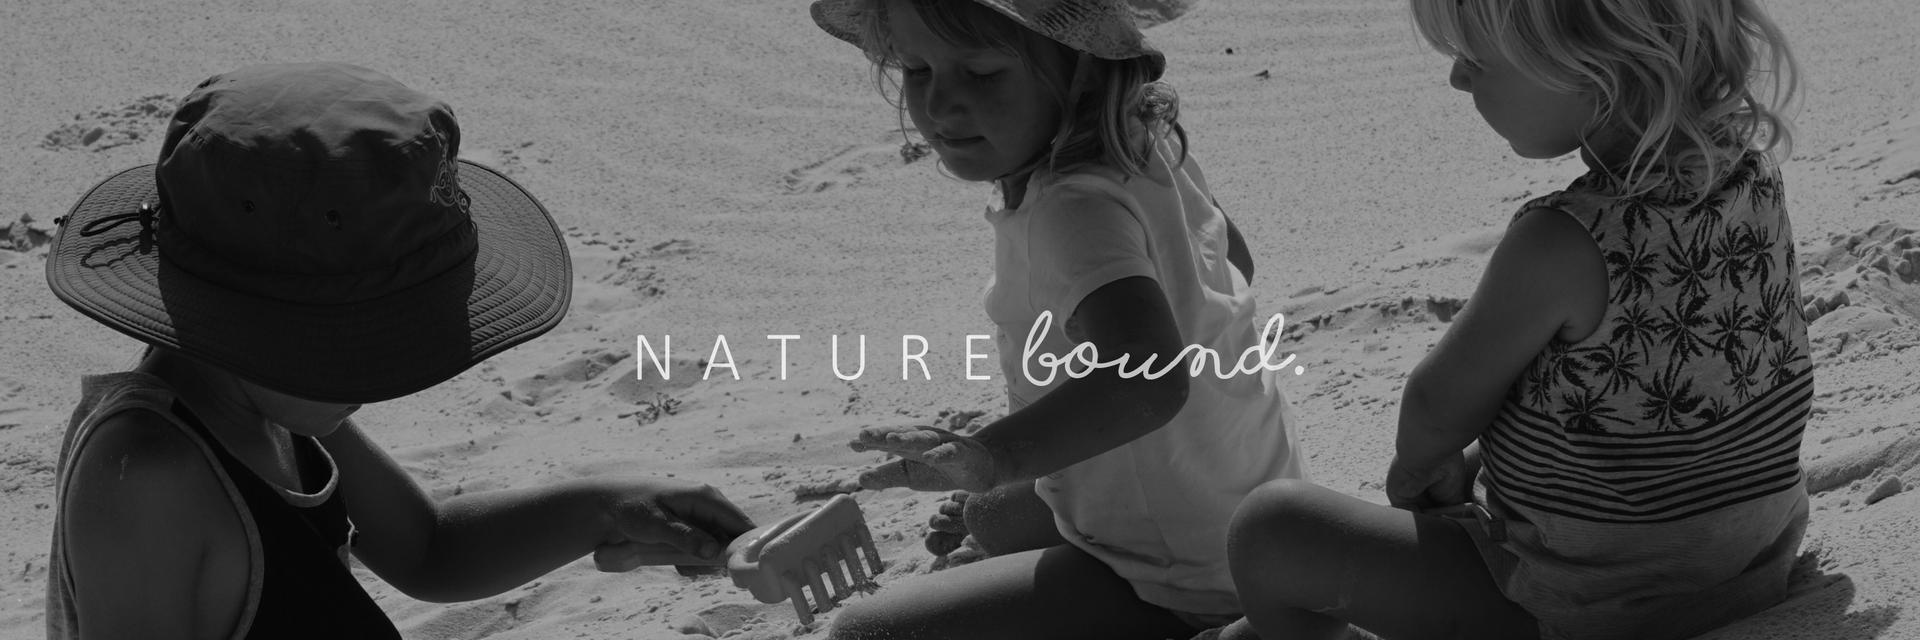 naturebound.png